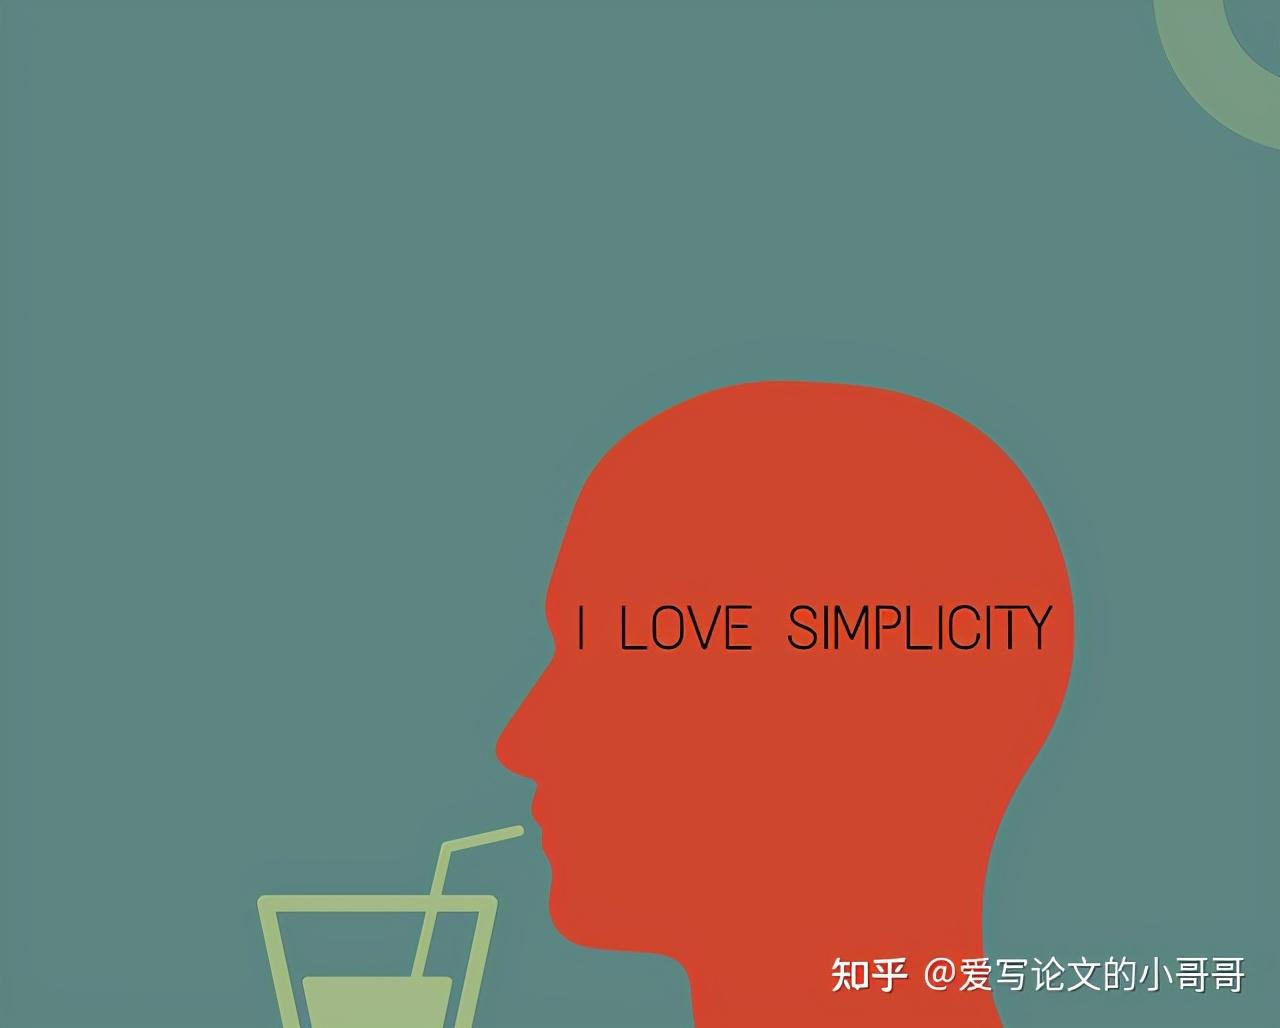 你的研究大家都看懂了吗?5步简化研究传播语言(转)